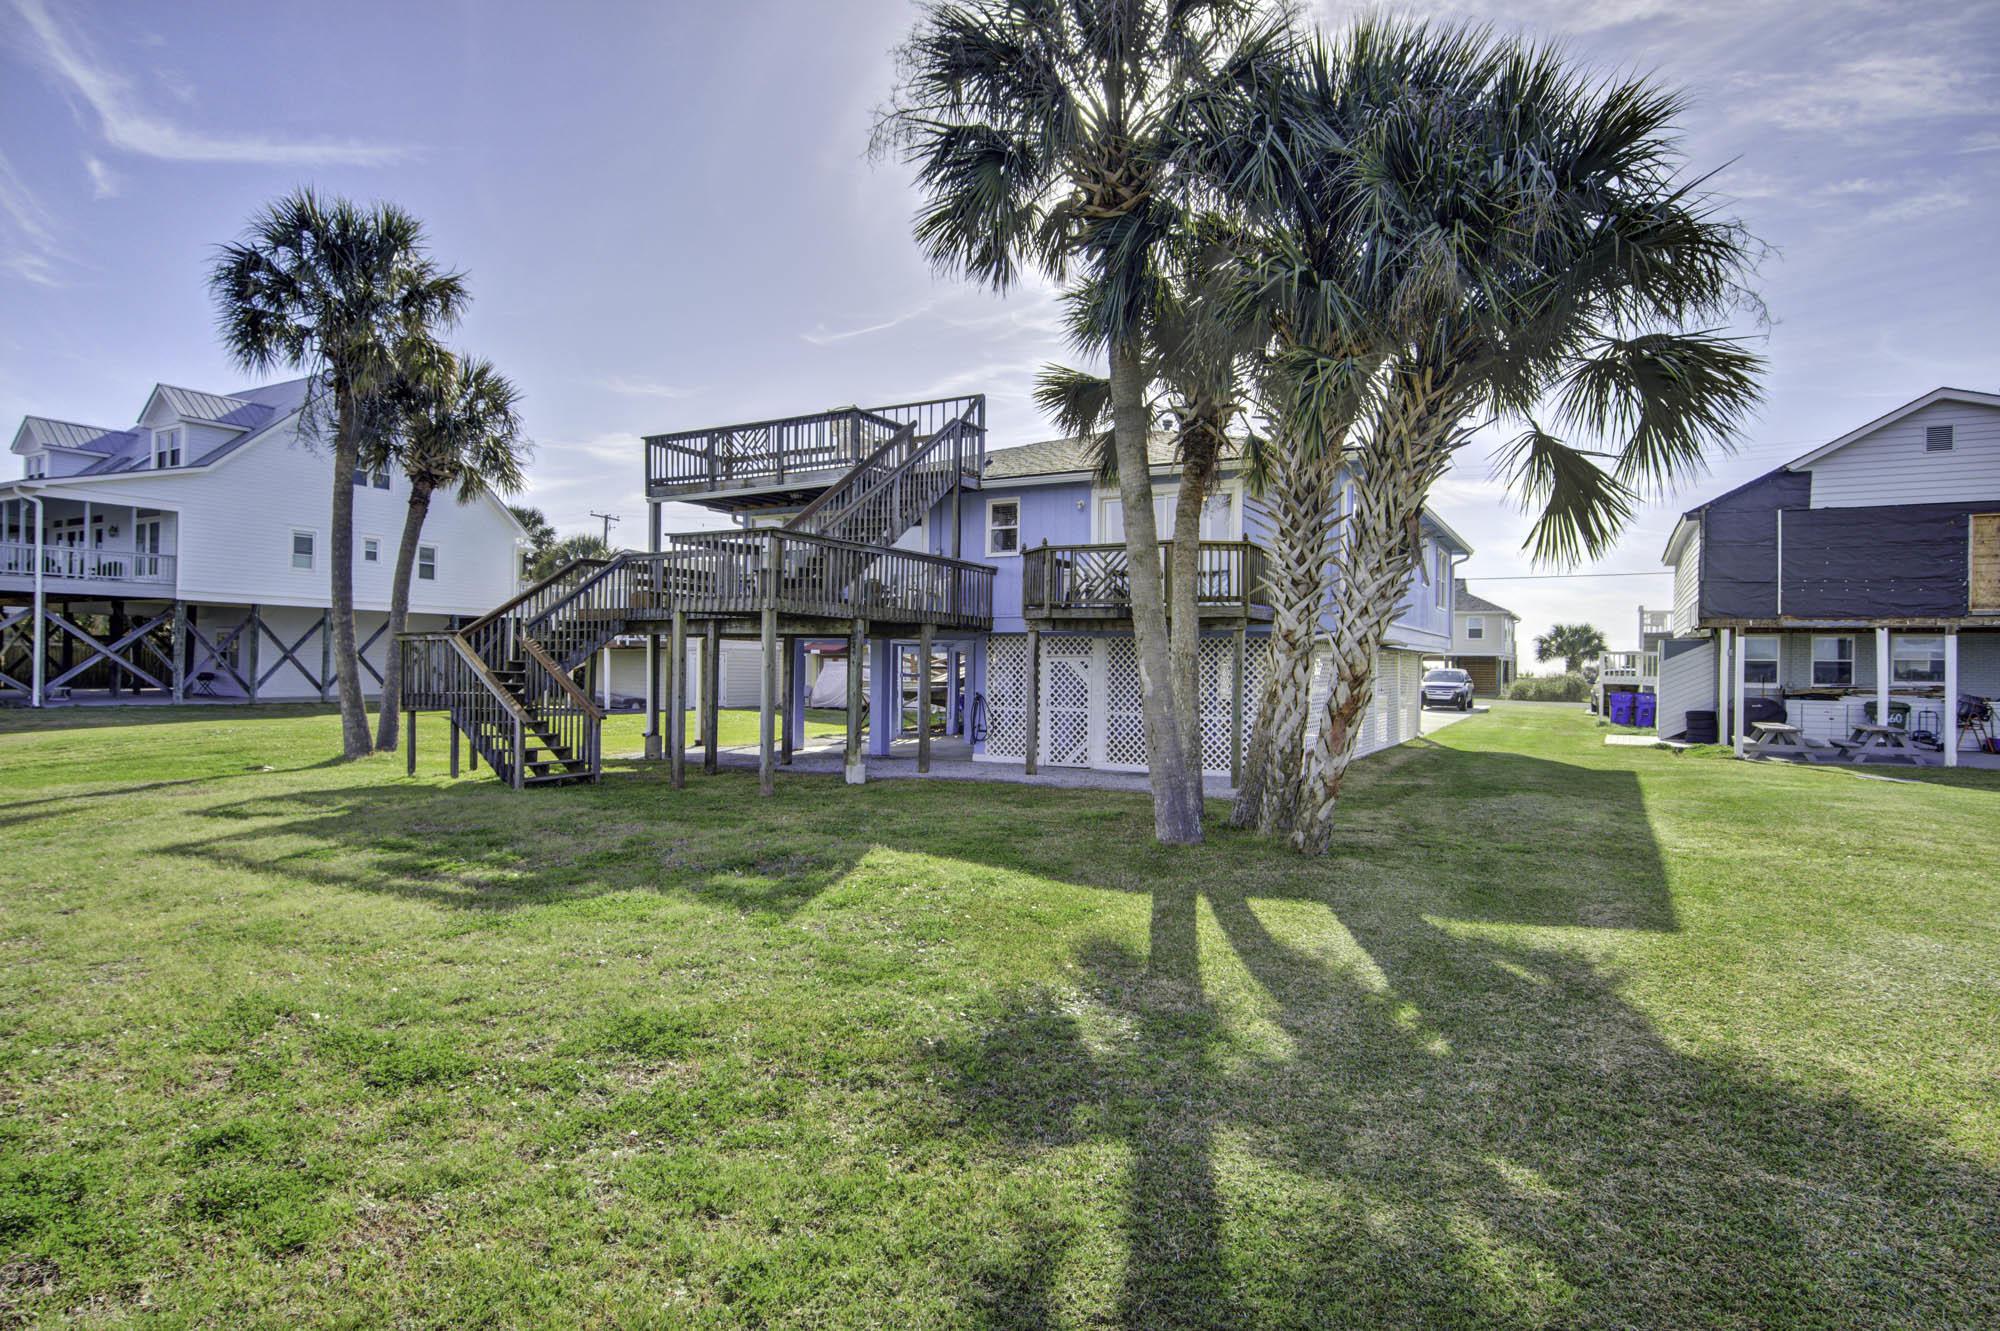 E Folly Bch Shores Homes For Sale - 1662 Ashley, Folly Beach, SC - 23